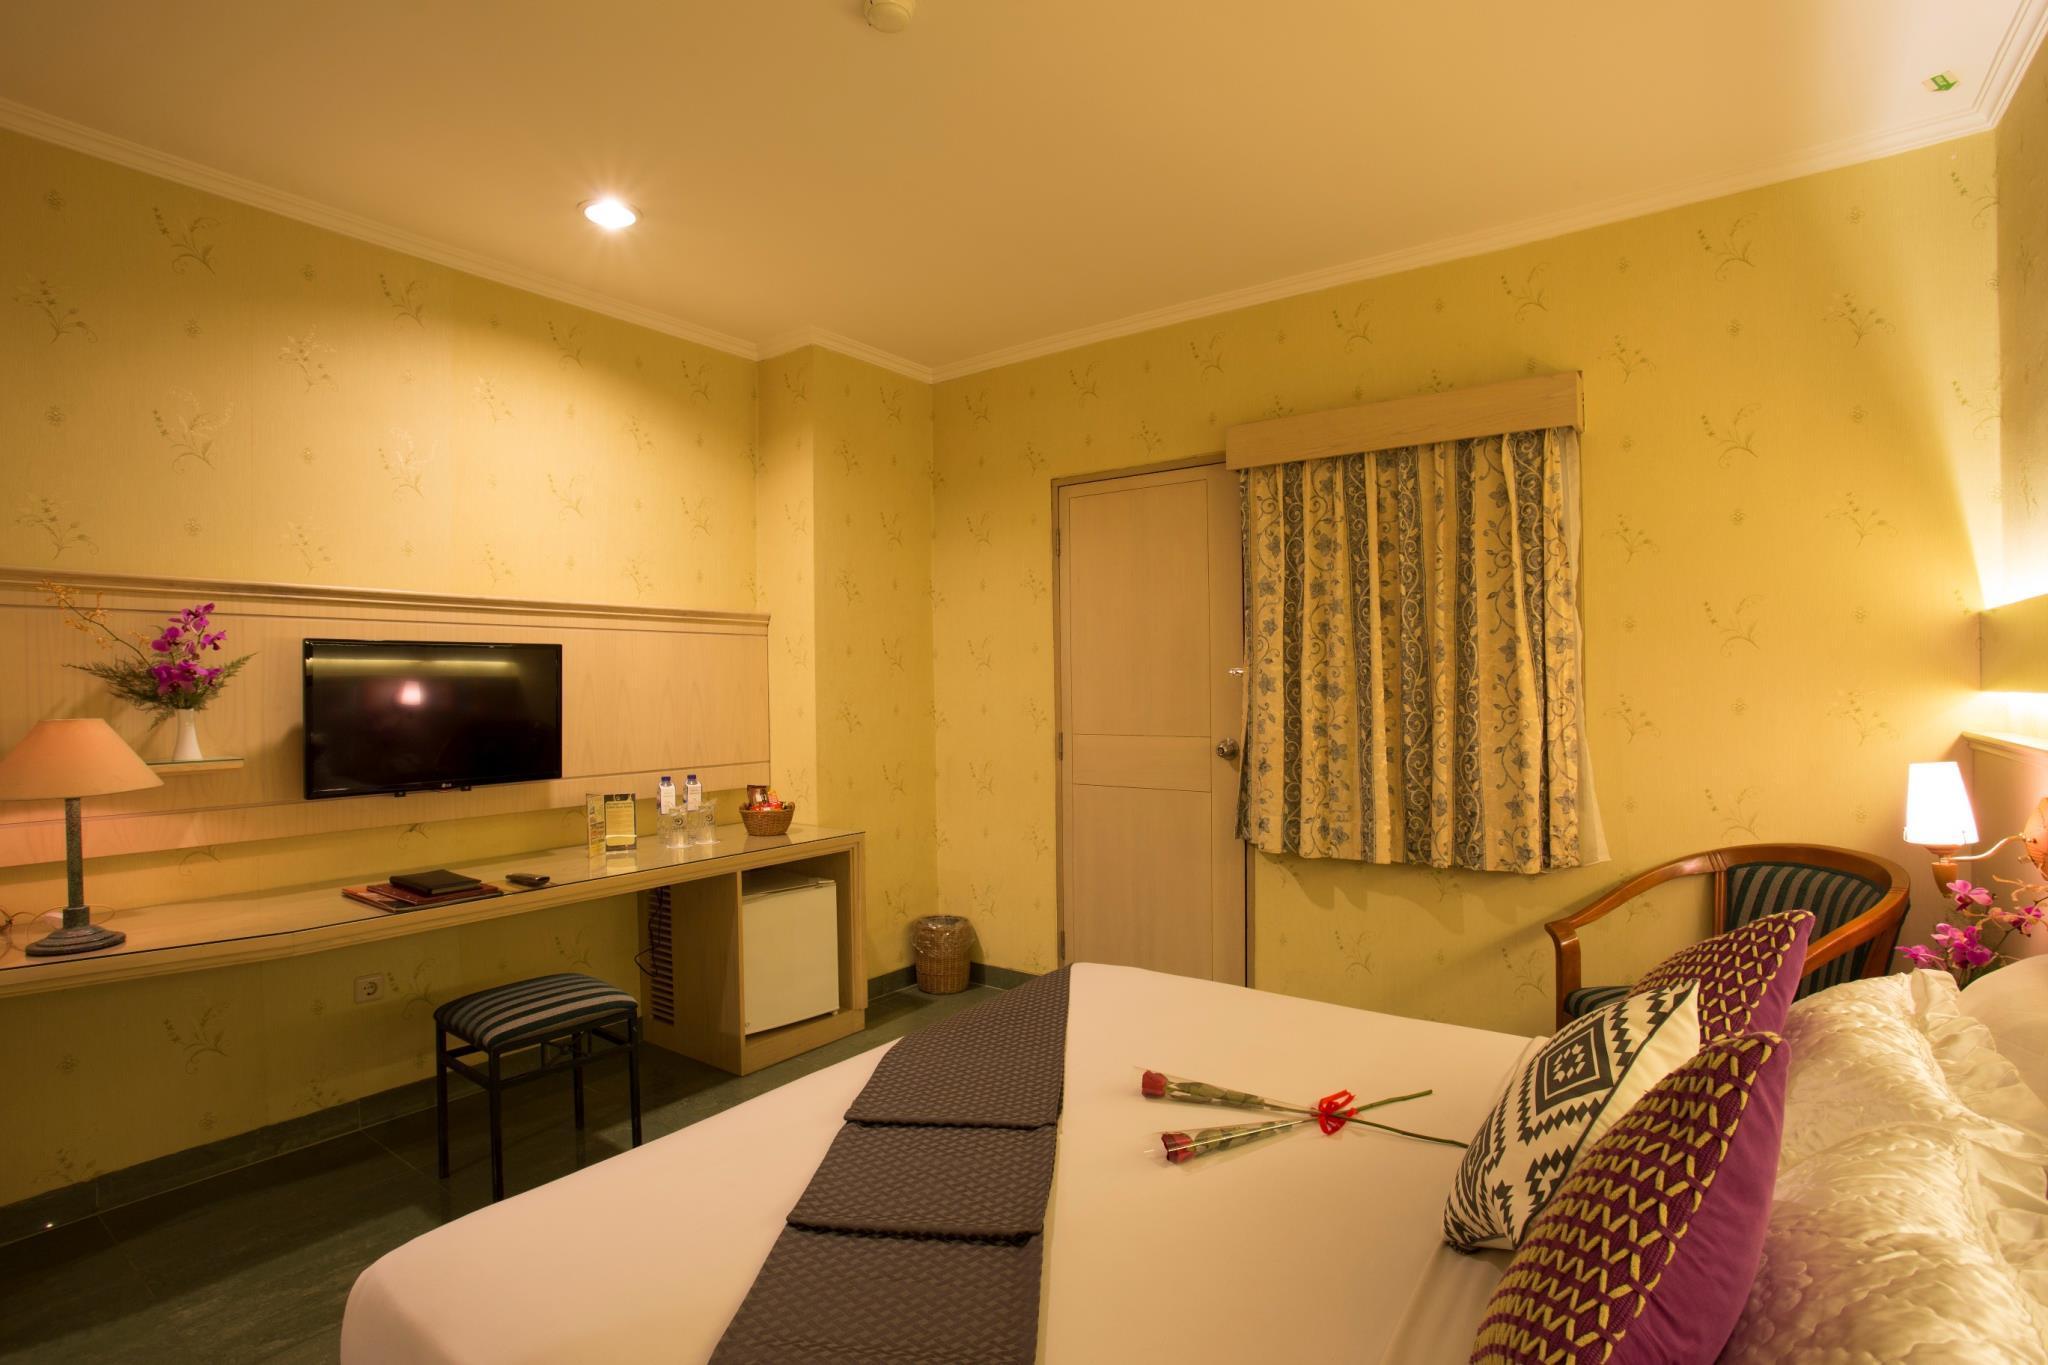 자카르타의 클래식 호텔 (Classic Hotel) :: 아고다 - Agoda